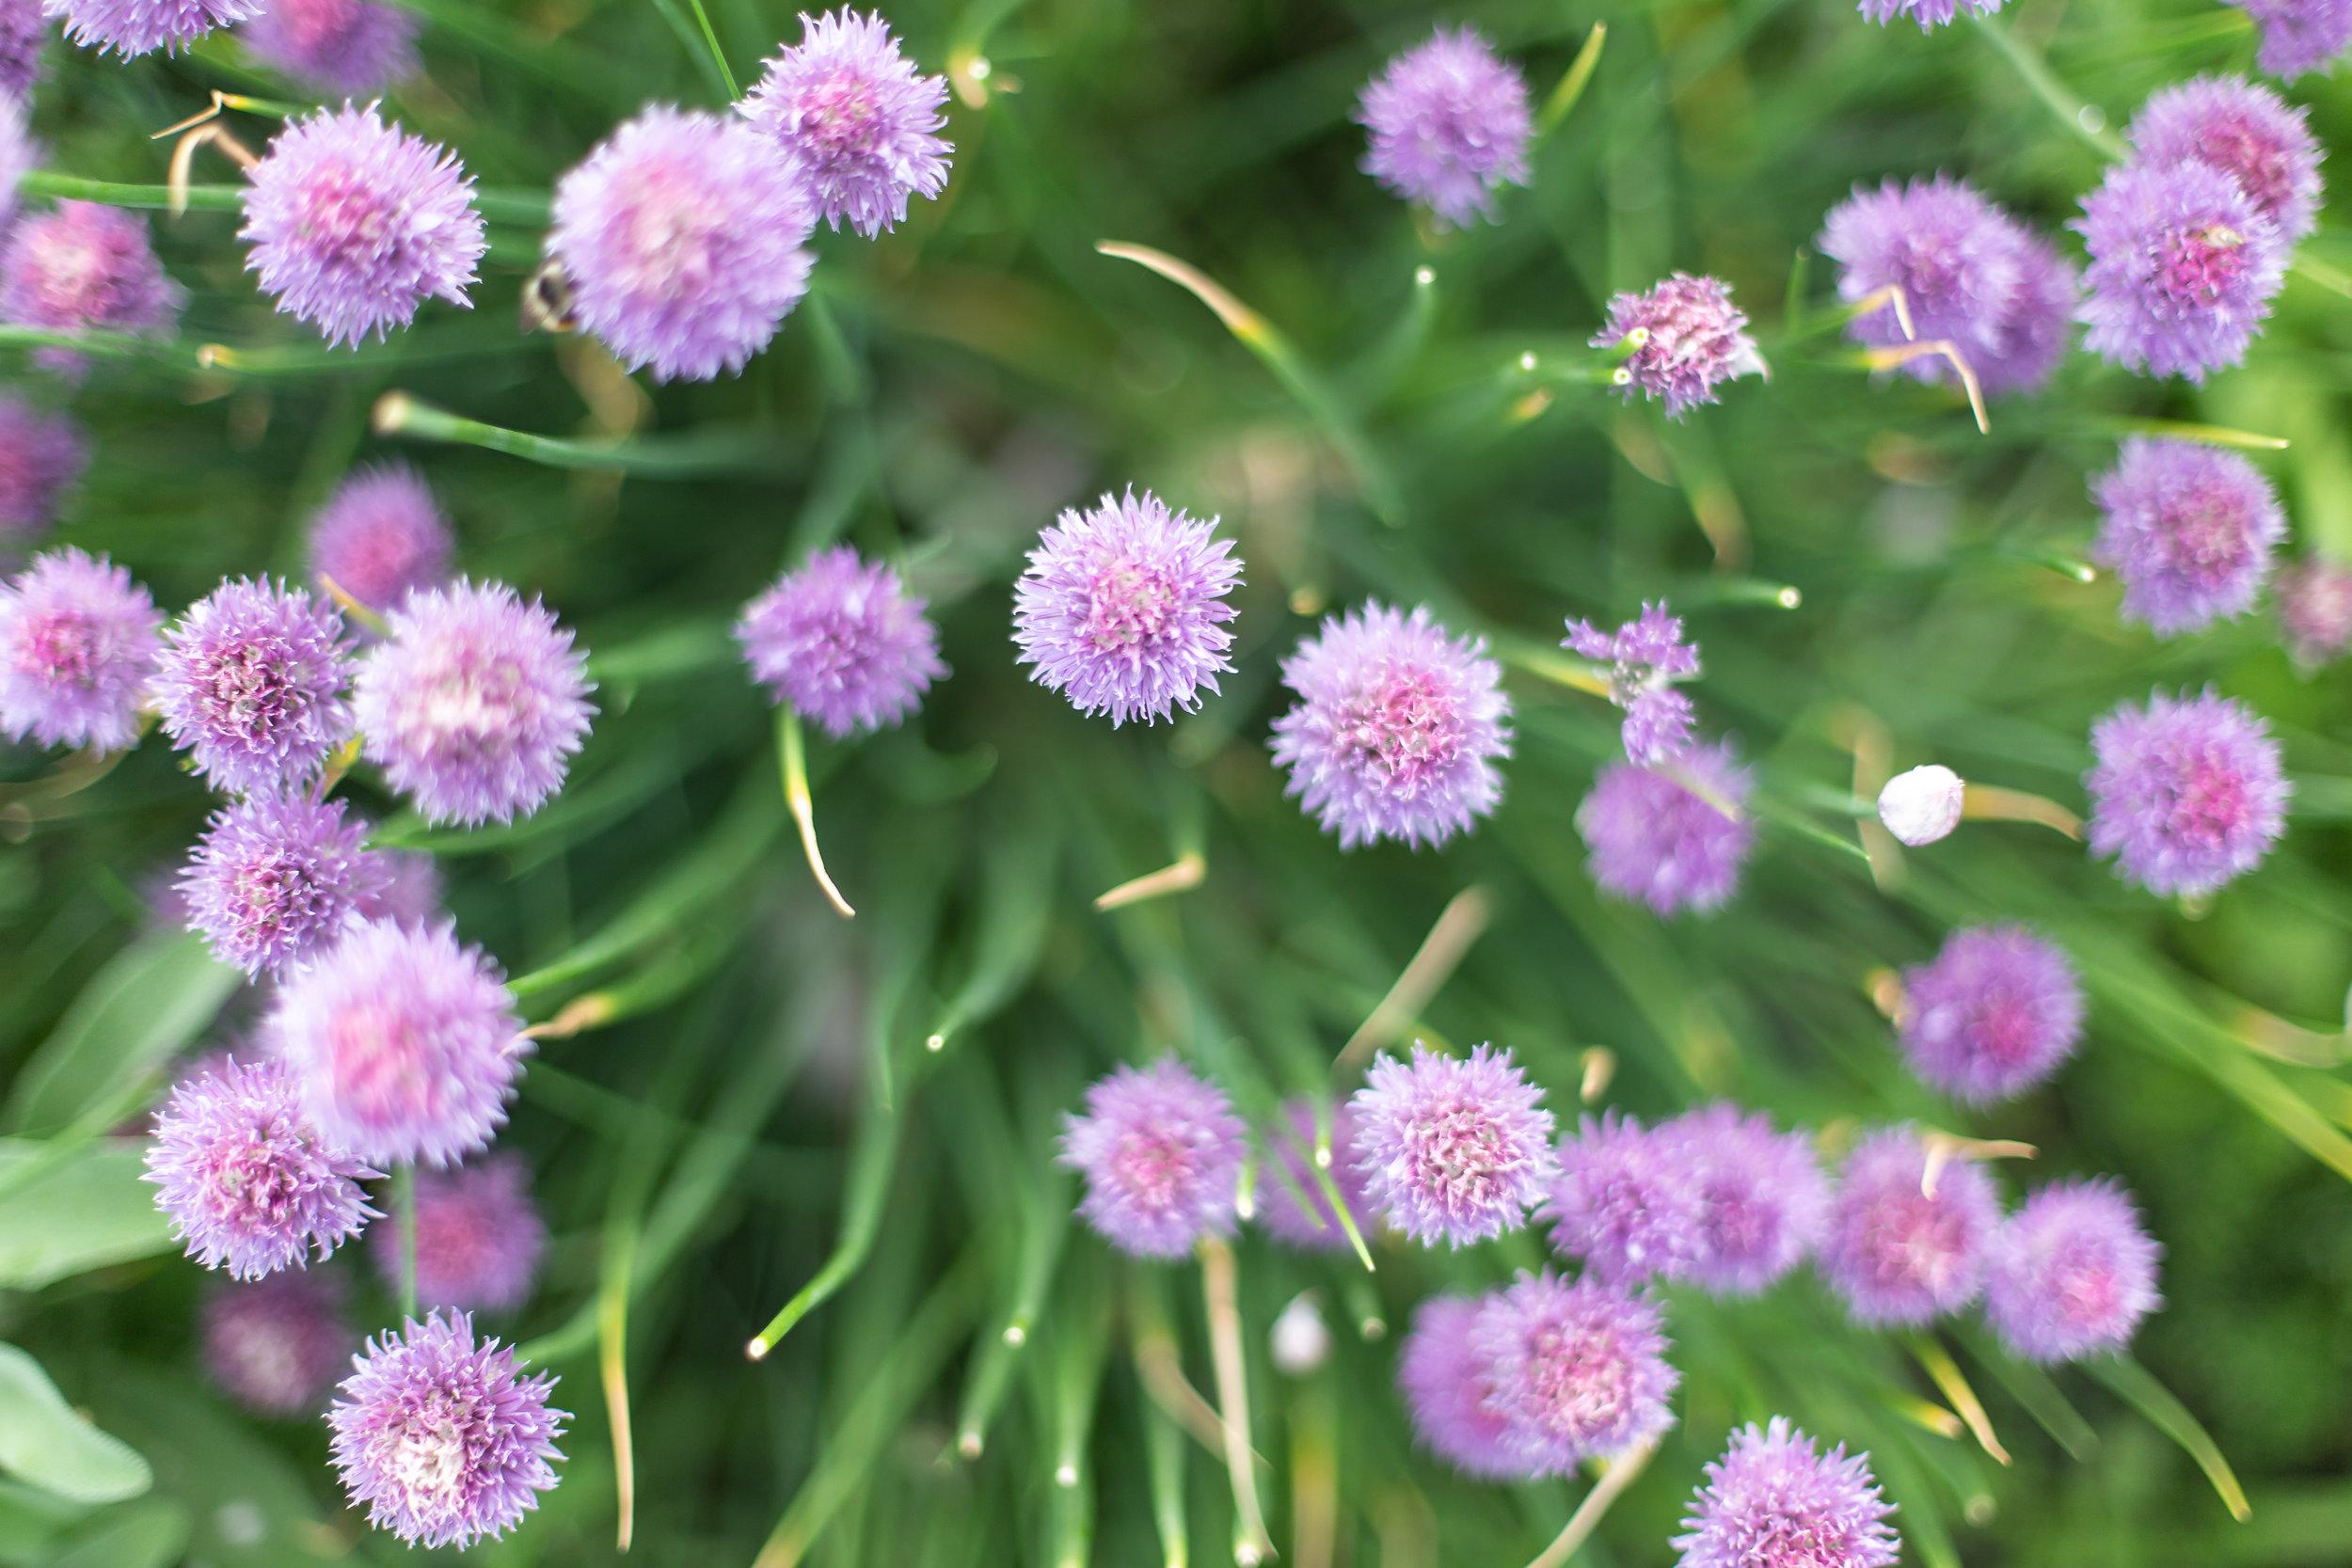 PlantsandFlowers-59.jpg